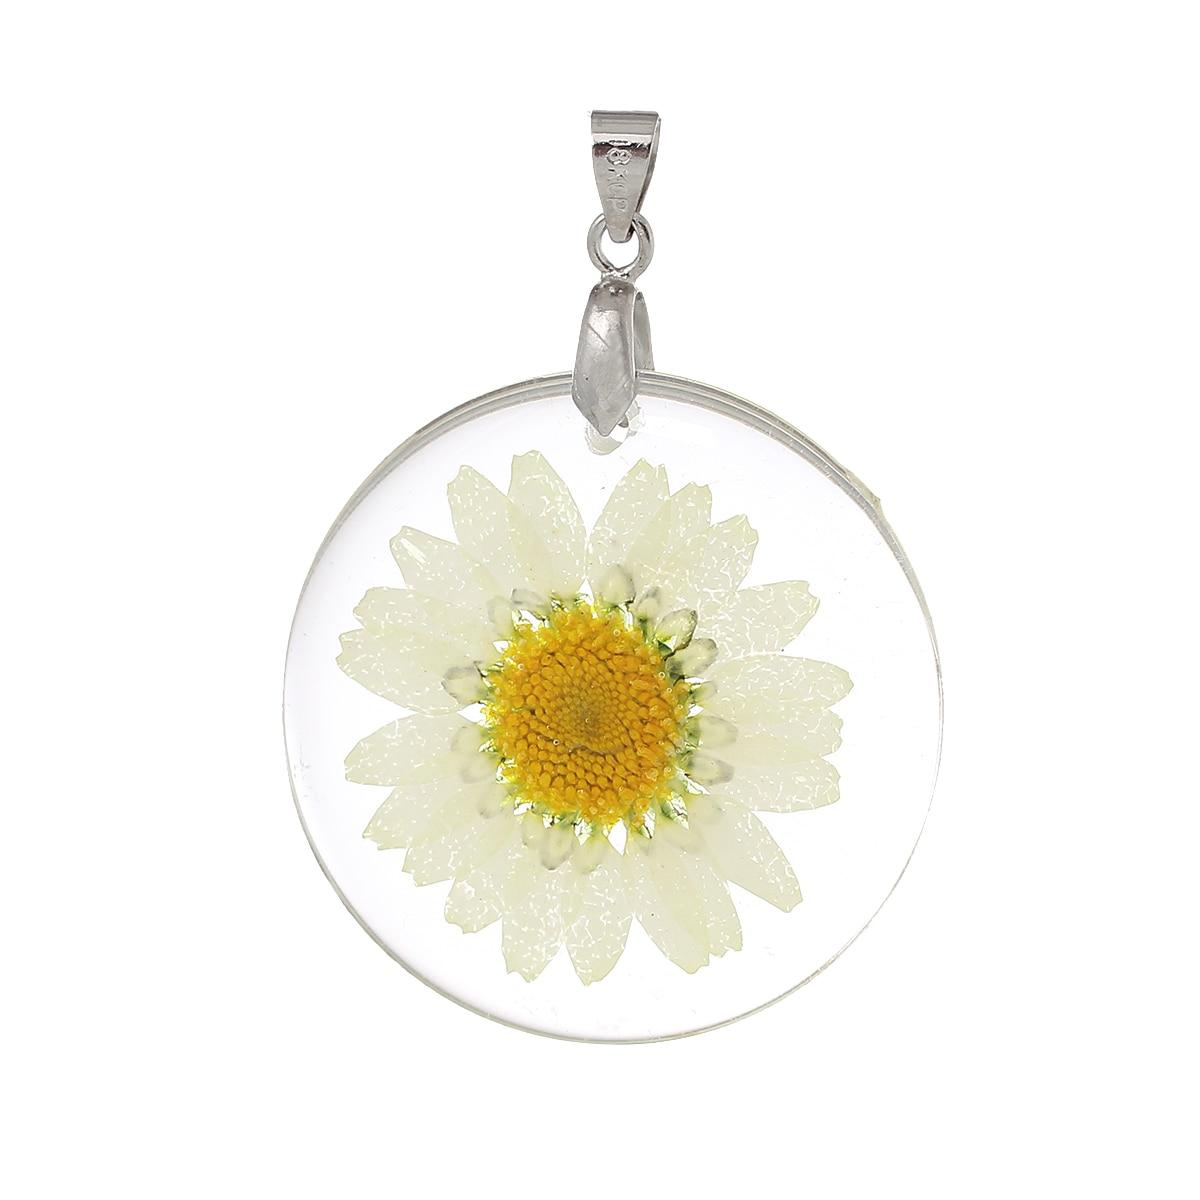 """DoreenBeads Rrëshirë varëse me varëse të rrumbullakëta Lule e vërtetë e verdhë transparente 44mm (1 6/8 """") x 32 mm (1 2/8""""), 3 PC"""